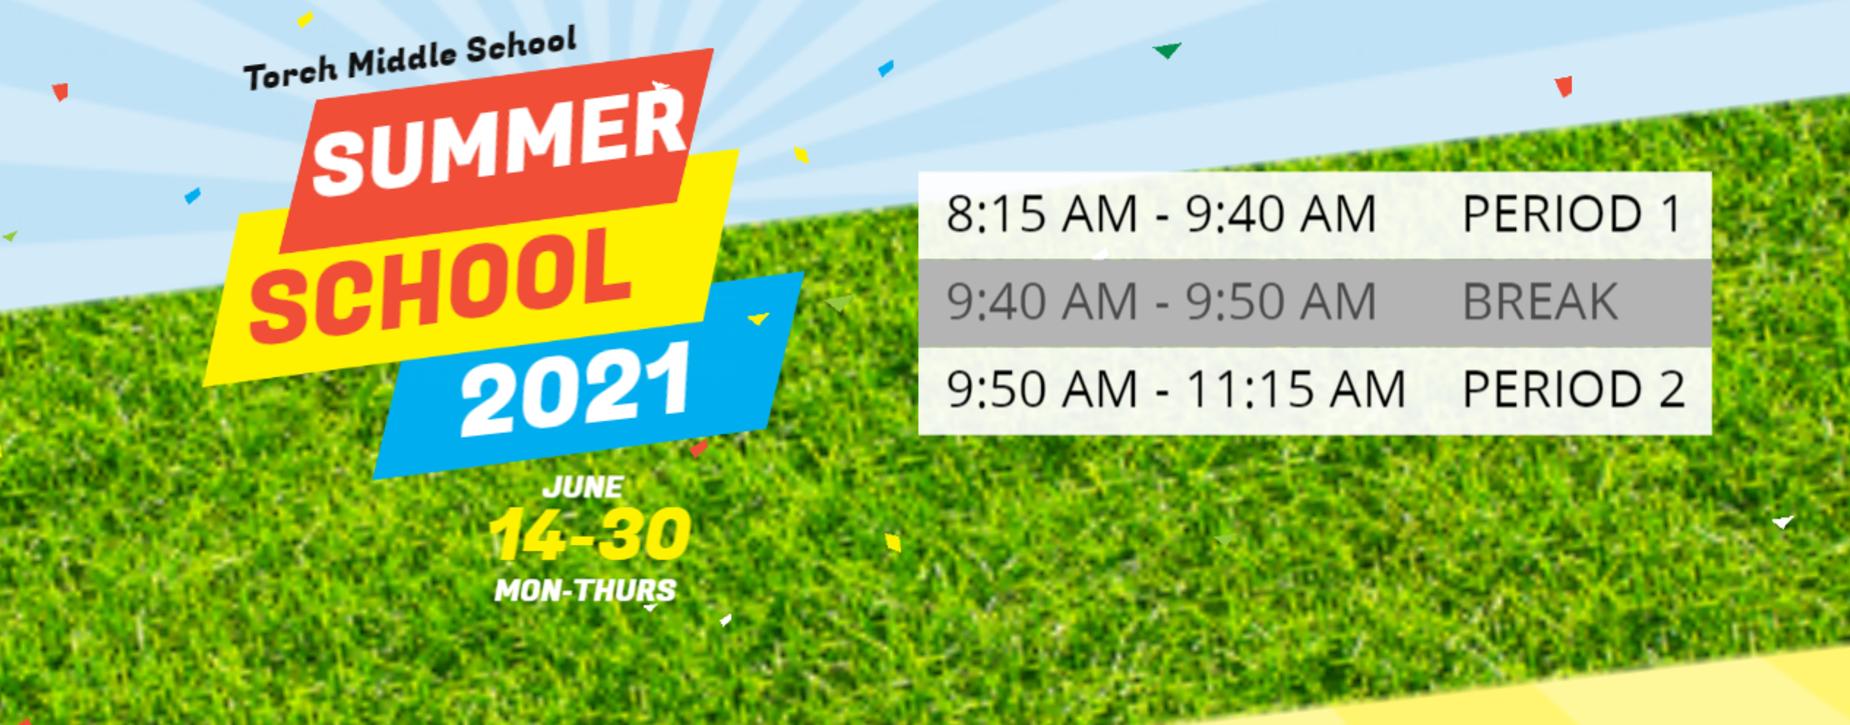 Summer School 2021 Bell Schedule